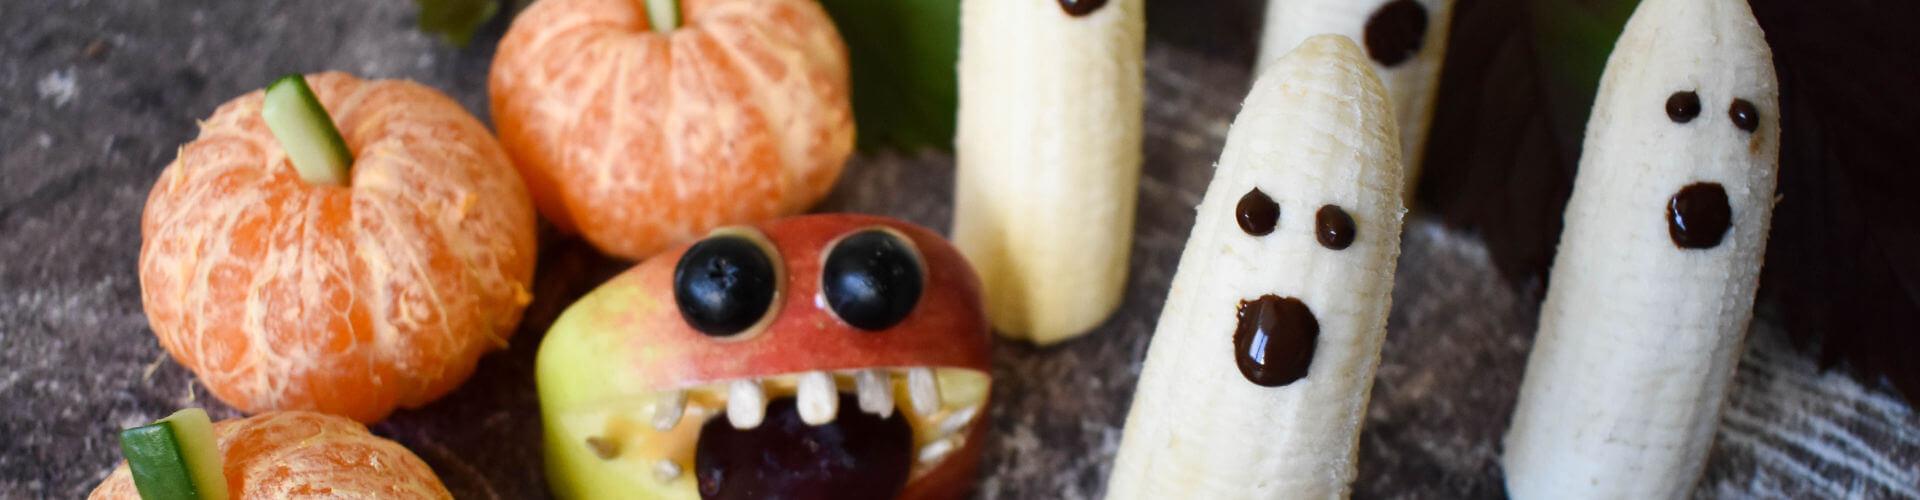 Mandarinen-Kuerbis-Apfel-Monster-Bananen-Gespenster